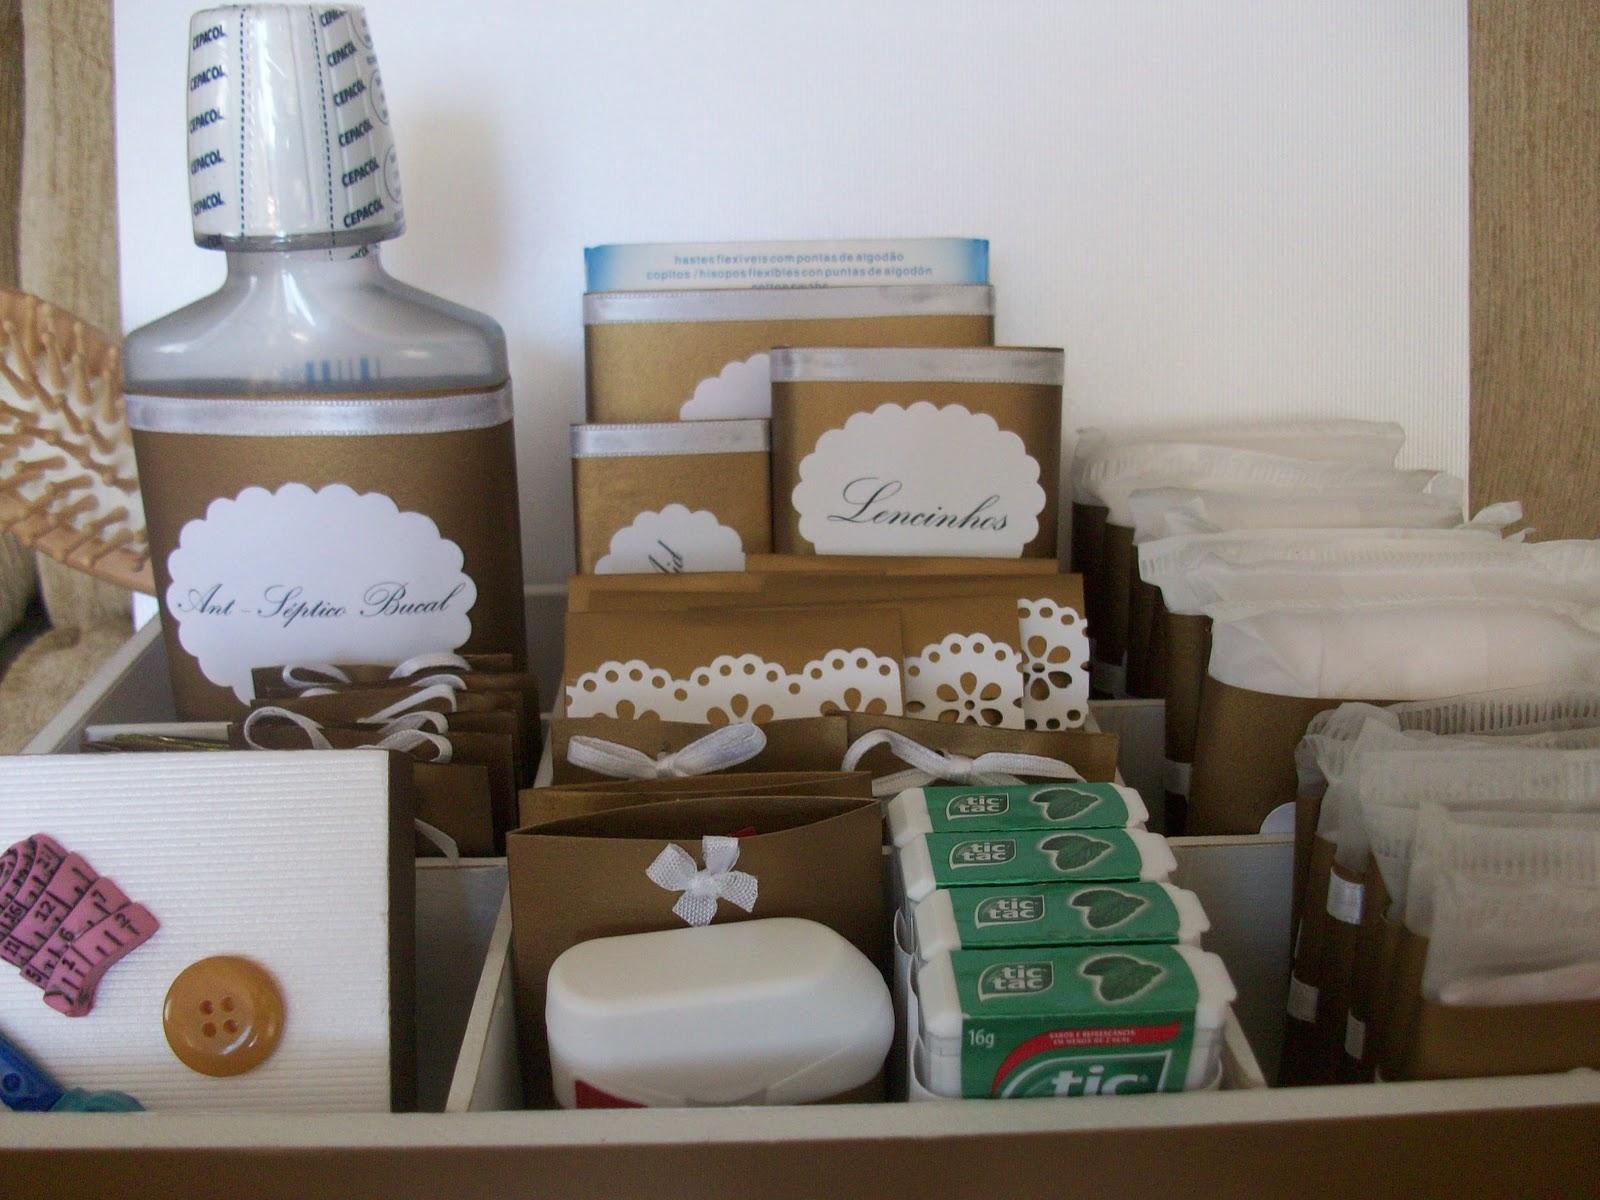 Kit Banheiro Casamento Rustico : Kaliny goes kit personalizado para banheiro de casamento